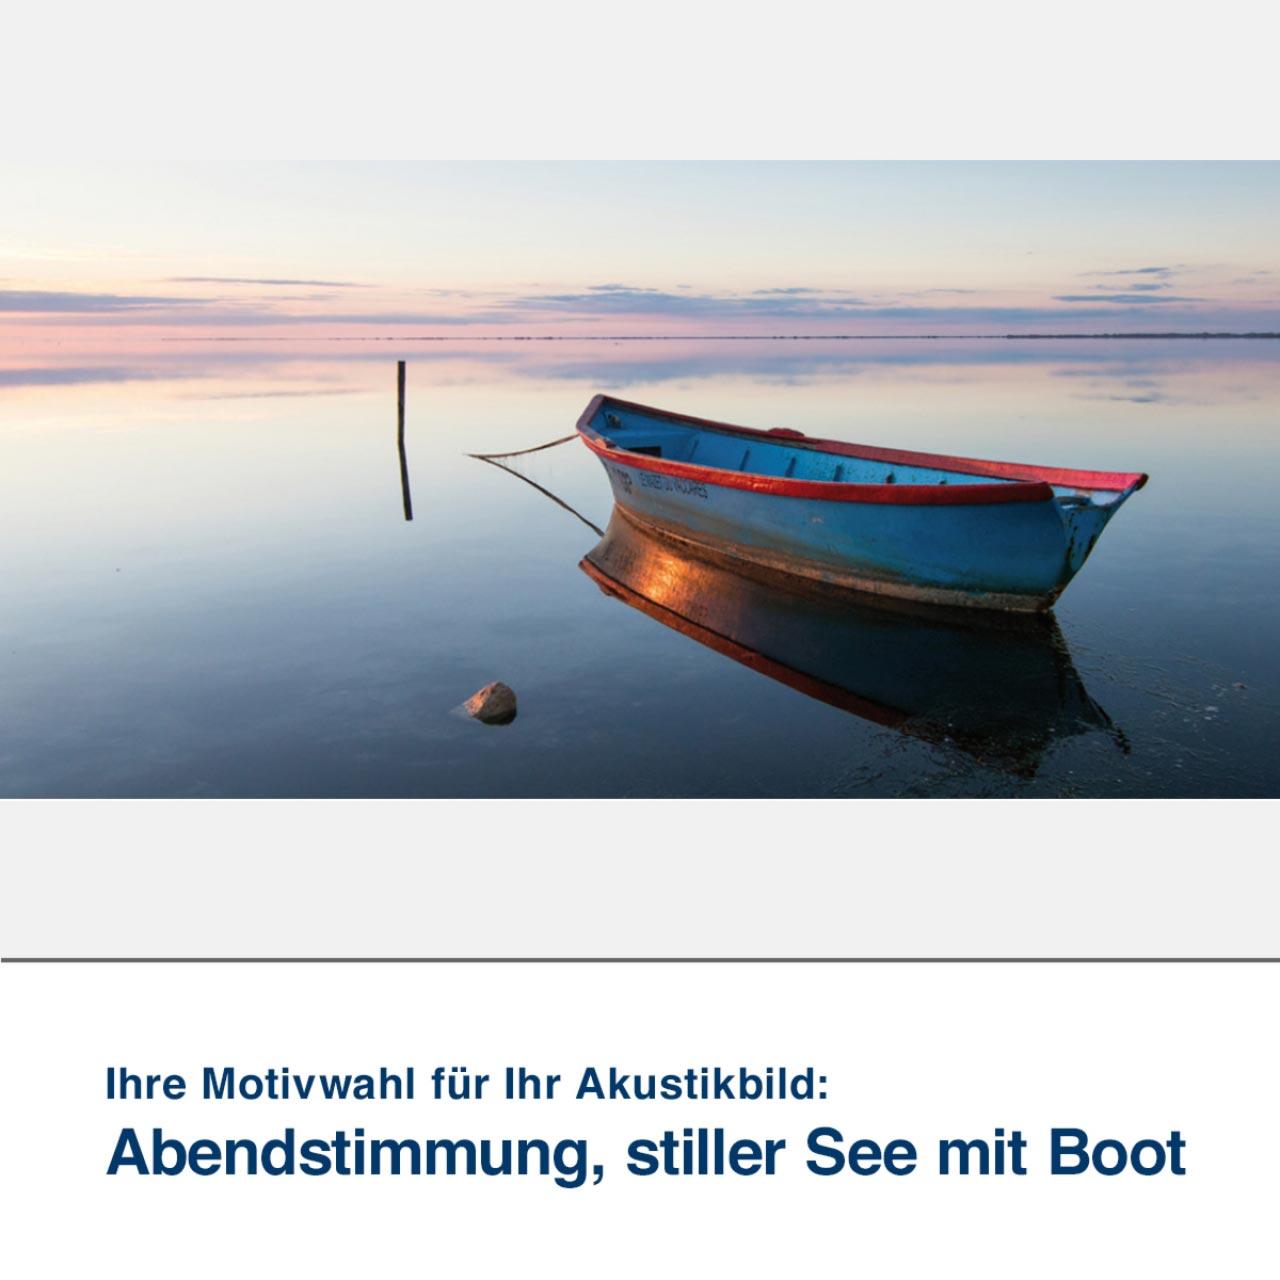 Akustikbild Motiv Abendstimmung, stiller See mit Boot